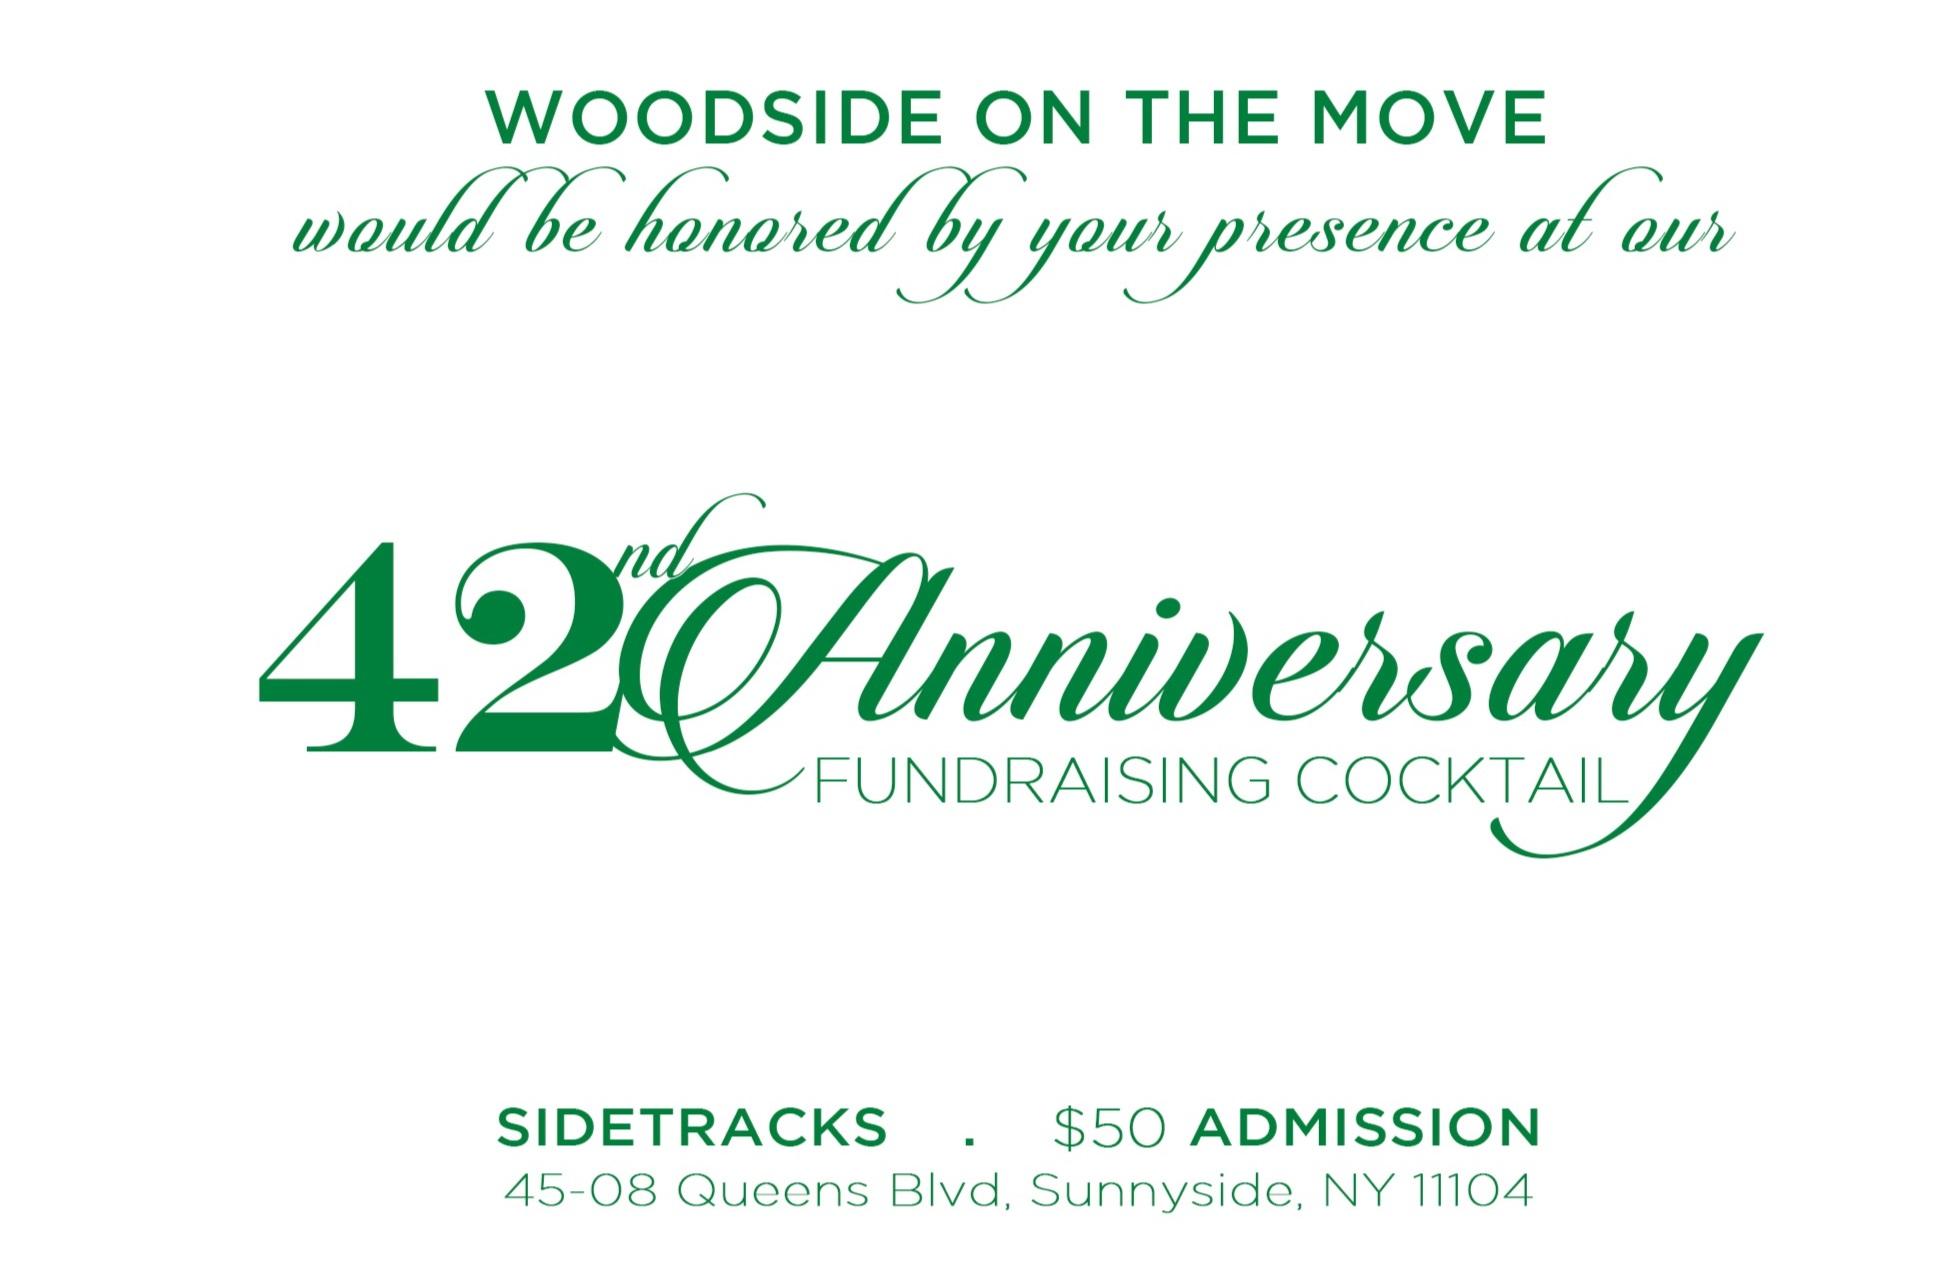 Event Logo and Invitation Design